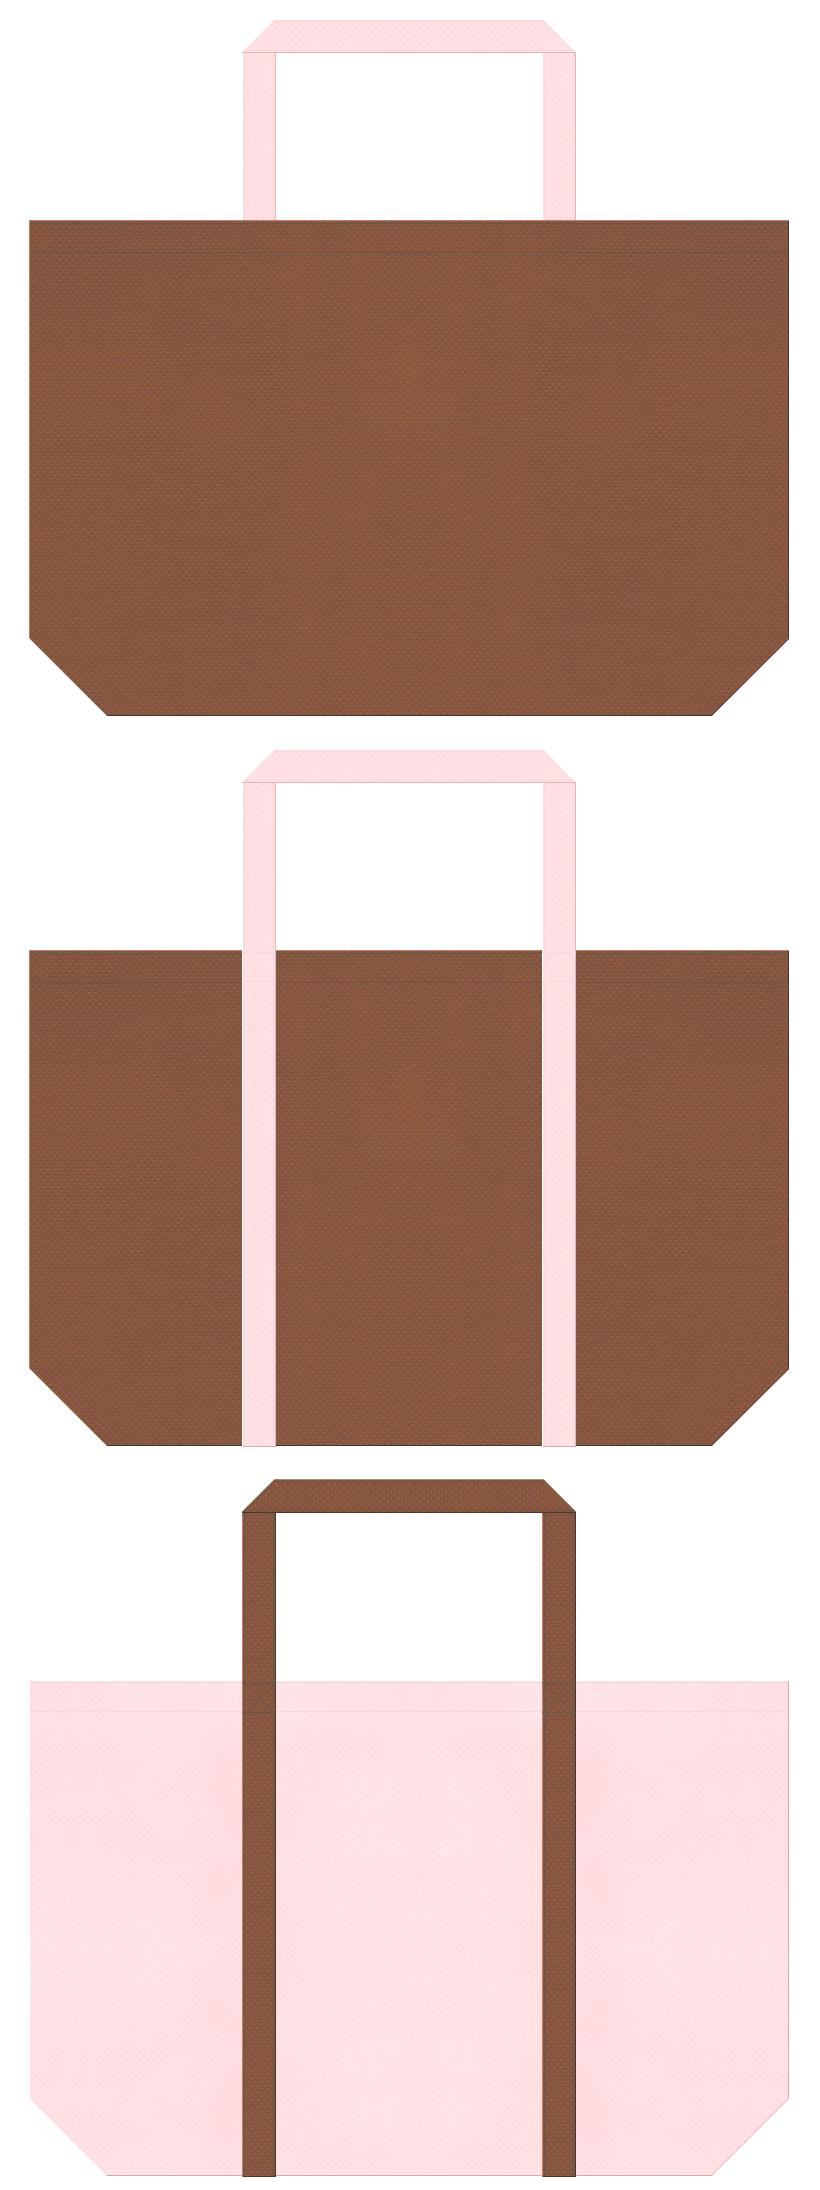 絵本・おとぎ話・ベアー・ぬいぐるみ・いちごチョコ・ガーリーデザイン・アニマルケア・ペットショップ・ペットサロン・ペット用品・ペットフードのショッピングバッグにお奨めの不織布バッグデザイン:茶色と桜色のコーデ